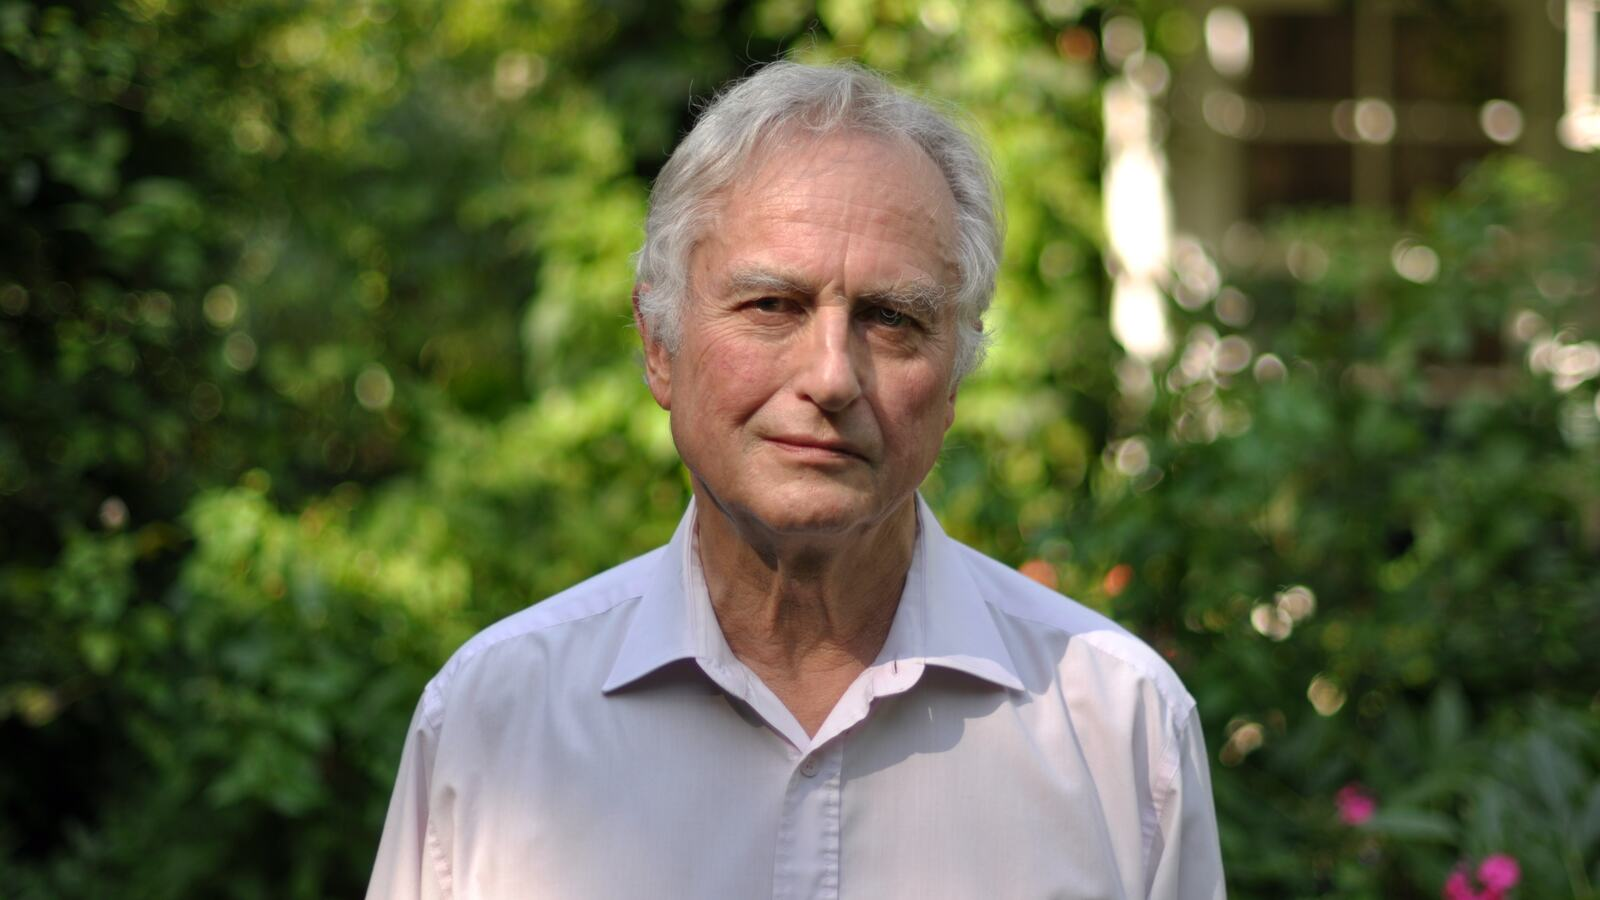 Richard Dawkins, ethologist